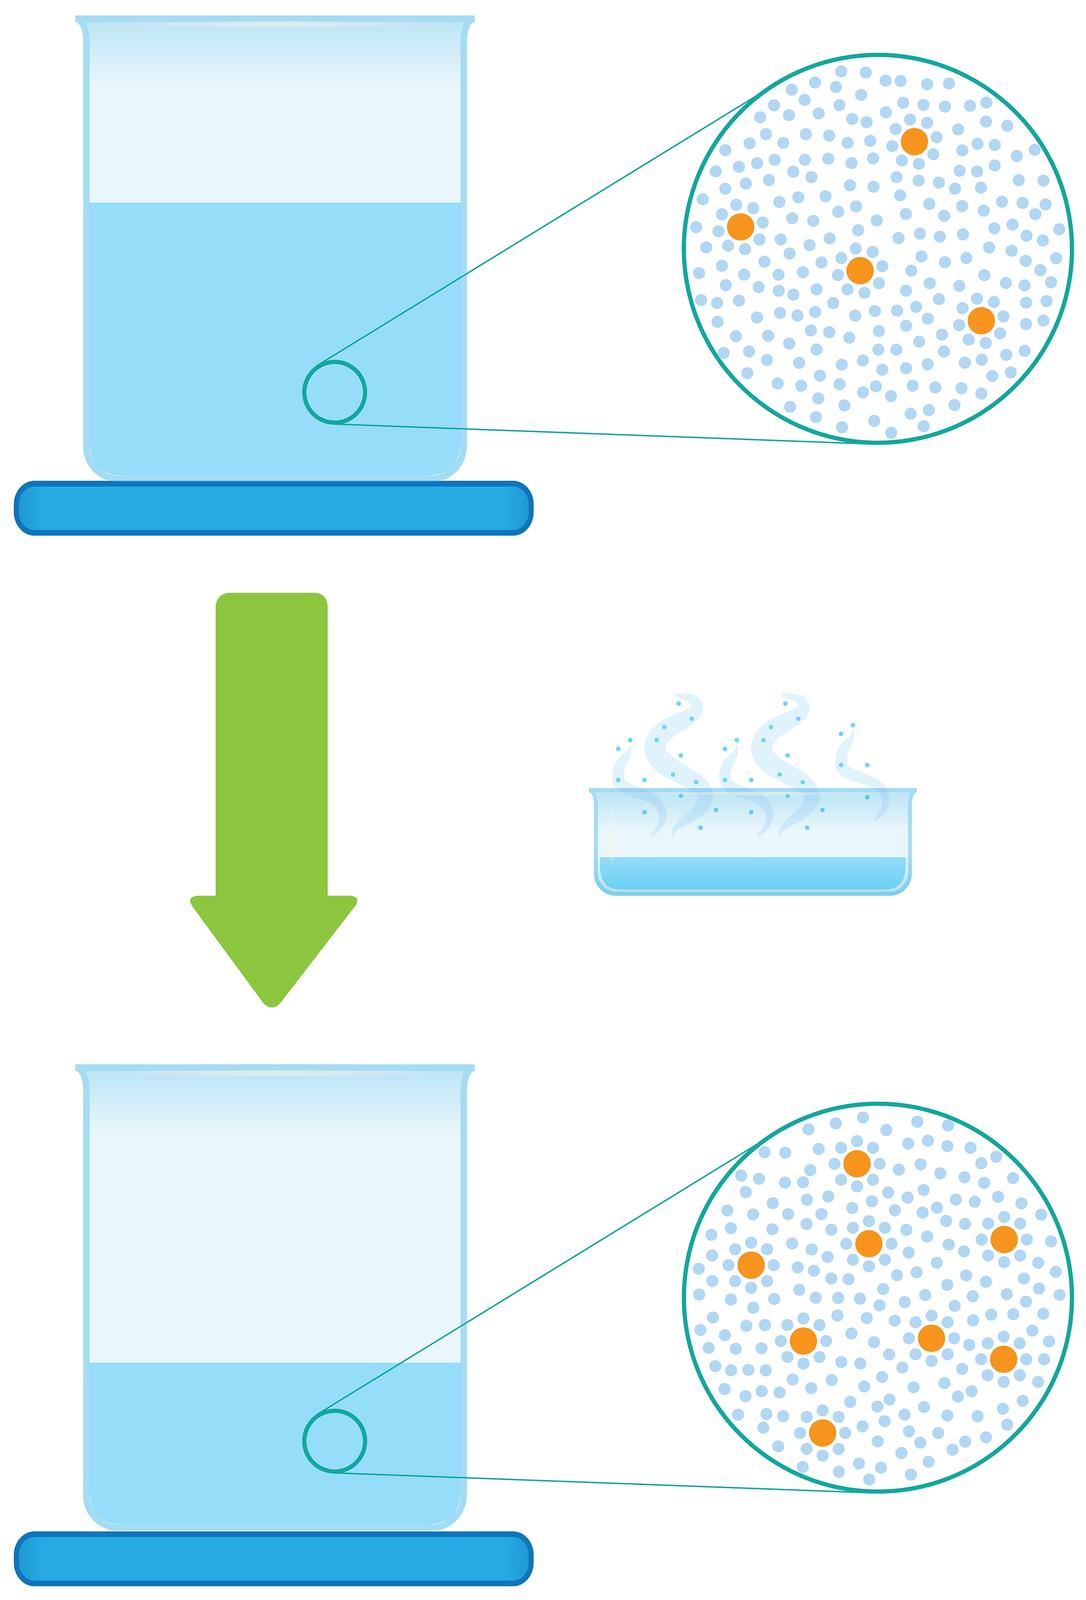 Ilustracja przedstawia proces zagęszczania roztworu poprzez odparowanie. Składa się zdwóch rysunków umieszczonych jeden nad drugim. Na rysunku górnym stojąca na niebieskiej podkładce zlewka napełniona jest wdwóch trzecich roztworem. Wobszarze roztworu małym kółkiem wyróżniono niewielki fragment iumieszczono po prawej stronie połączone znim dwiema liniami duże koło stylizowane na mikroskopowe powiększenie tego obszaru. Wkole widoczne są duże pomarańczowe kule symbolizujące cząstki rozpuszczonej substancji wliczbie czterech sztuk otoczone przez liczne małe niebieskie kulki symbolizujące cząsteczki wody. Poniżej, pośrodku ilustracji znajduje się gruba zielona strzałka skierowana wdół obok której umieszczono rysunek szerokiego ipłytkiego naczynia, zktórego unoszą się kłęby pary. Poniżej, na rysunku dolnym ponownie obraz zlewki stojącej na niebieskiej podkładce ze zbliżeniem fragmentu zawartości. Tym razem zlewka napełniona jest wjednej trzeciej, ana powiększeniu cząsteczek substancji rozpuszczonej wwodzie jest dwa razy więcej.